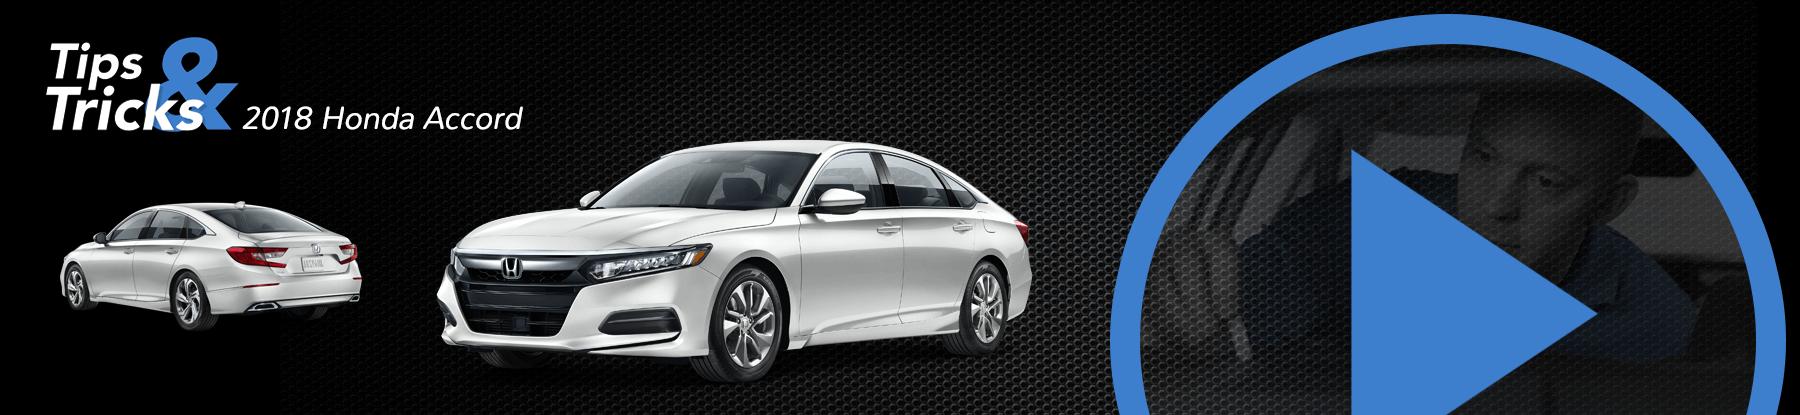 2018 Honda Accord Tips and Tricks